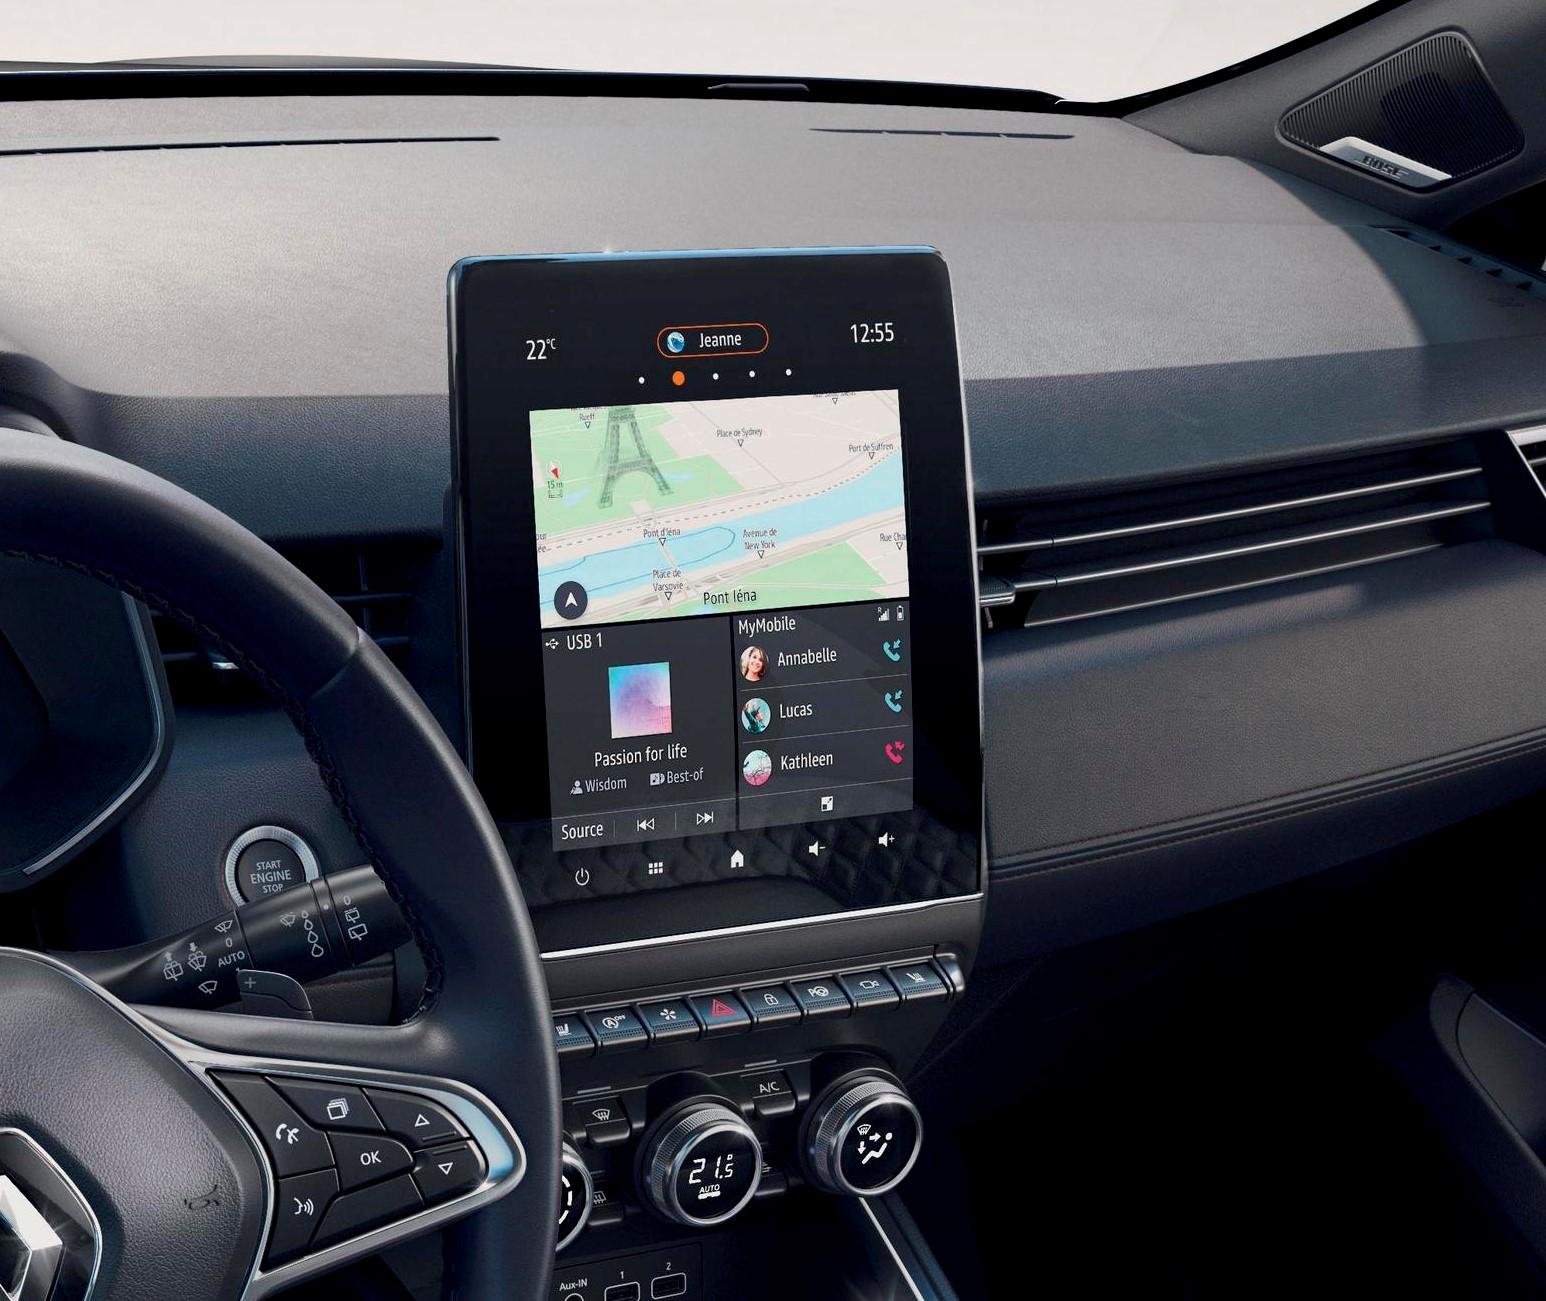 """Multimedijski sistem EASY LINK s 23 cm (9,3"""") zaslonom na dotik in navigacijo"""